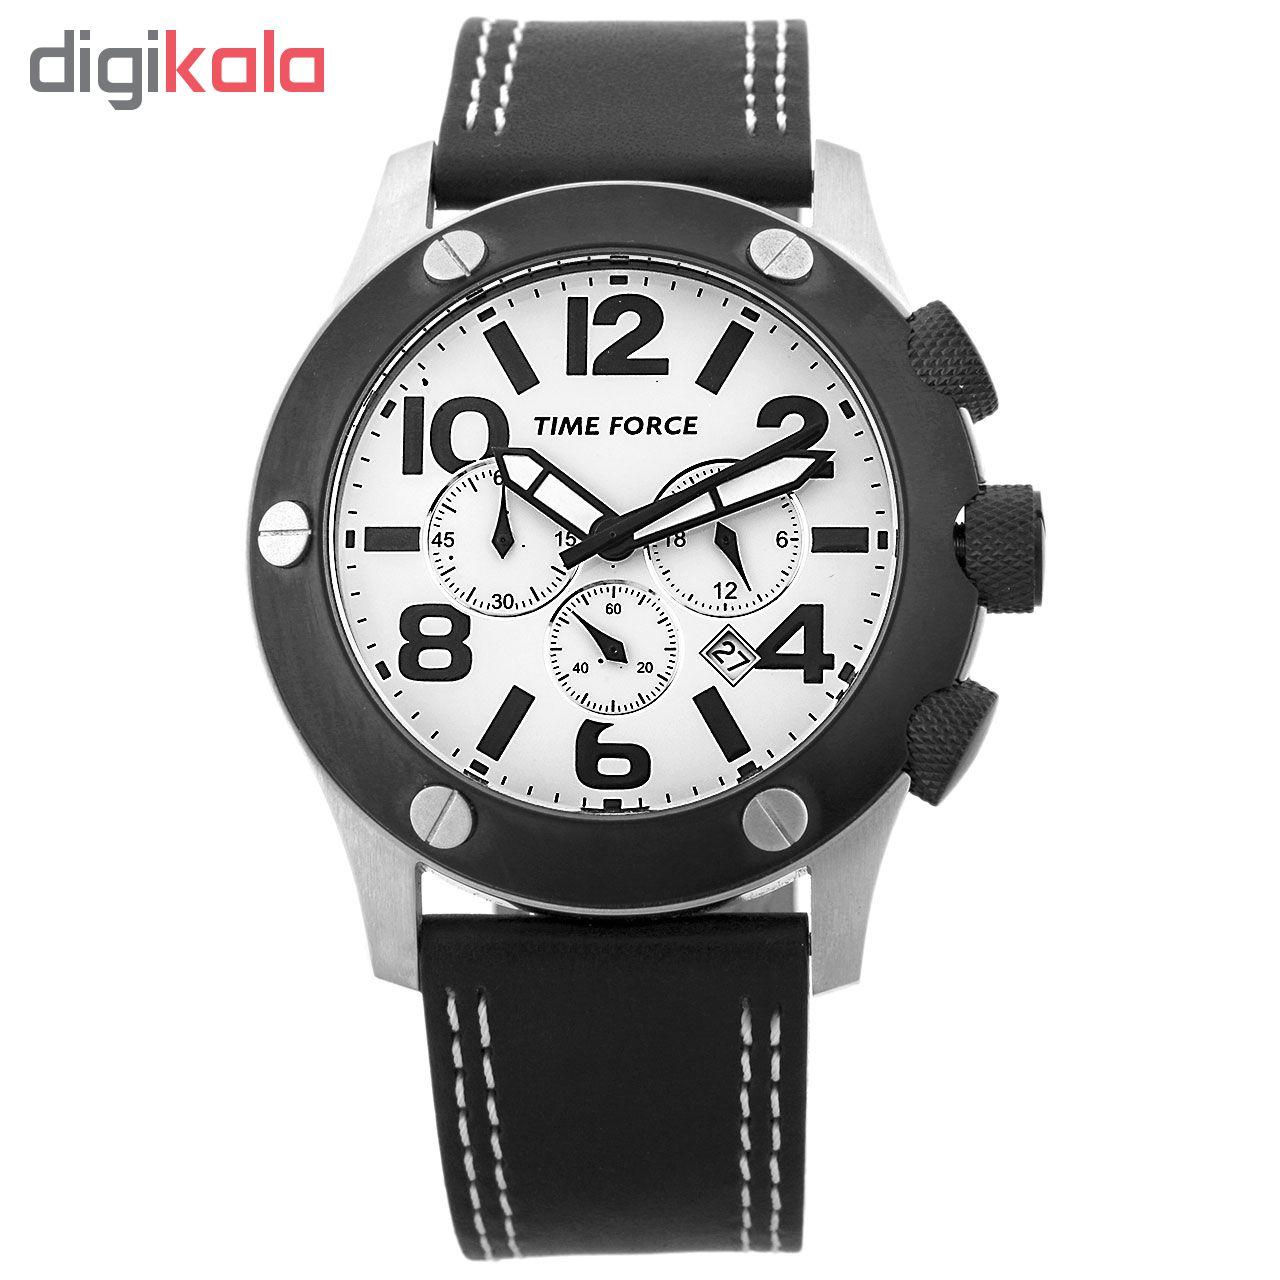 ساعت مچی عقربه ای مردانه تایم فورس مدل  TF3089M02